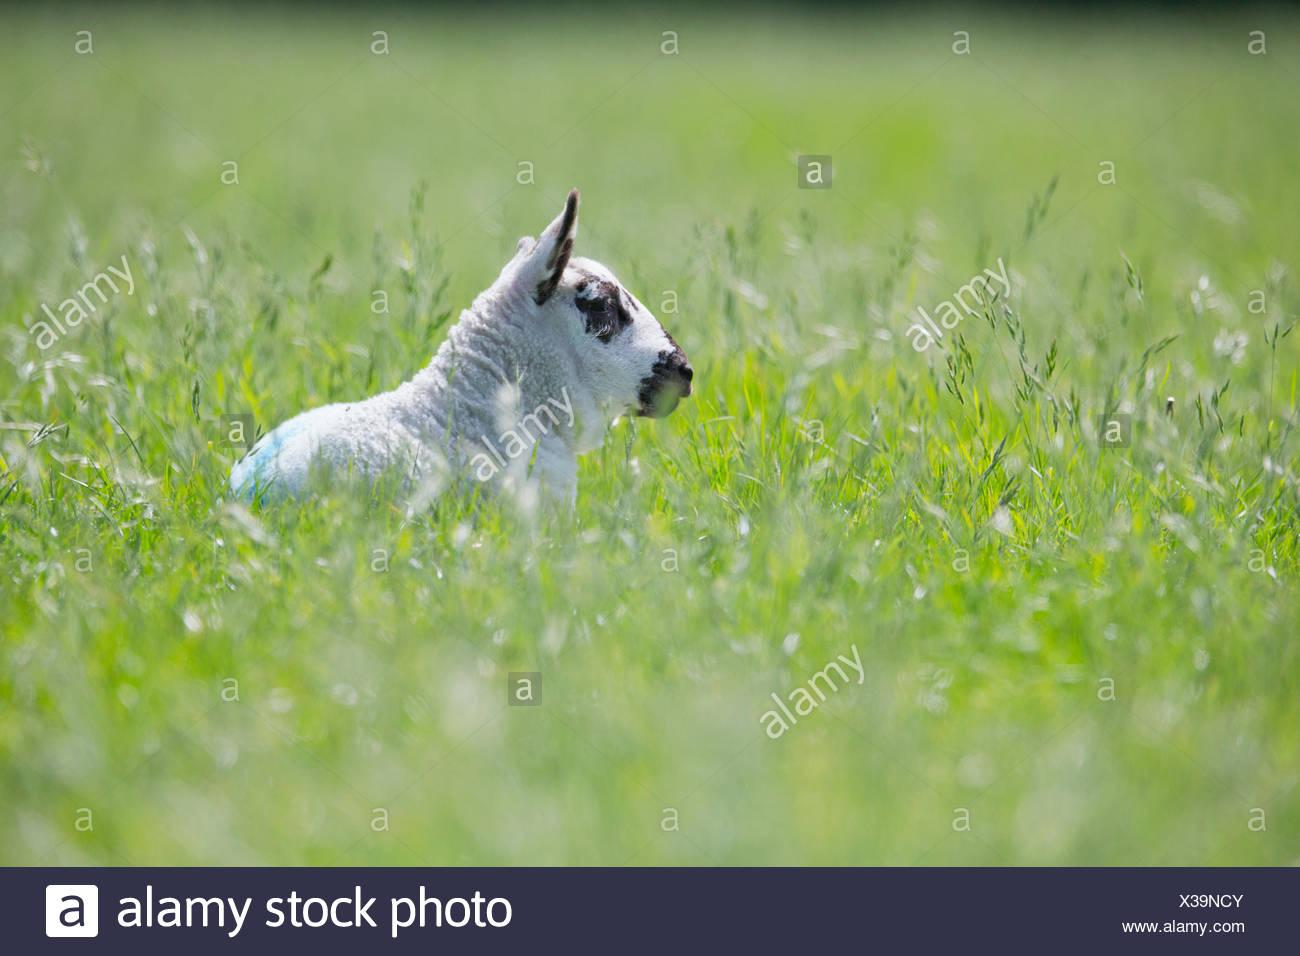 Pose d'agneau sous le soleil de printemps vert Photo Stock